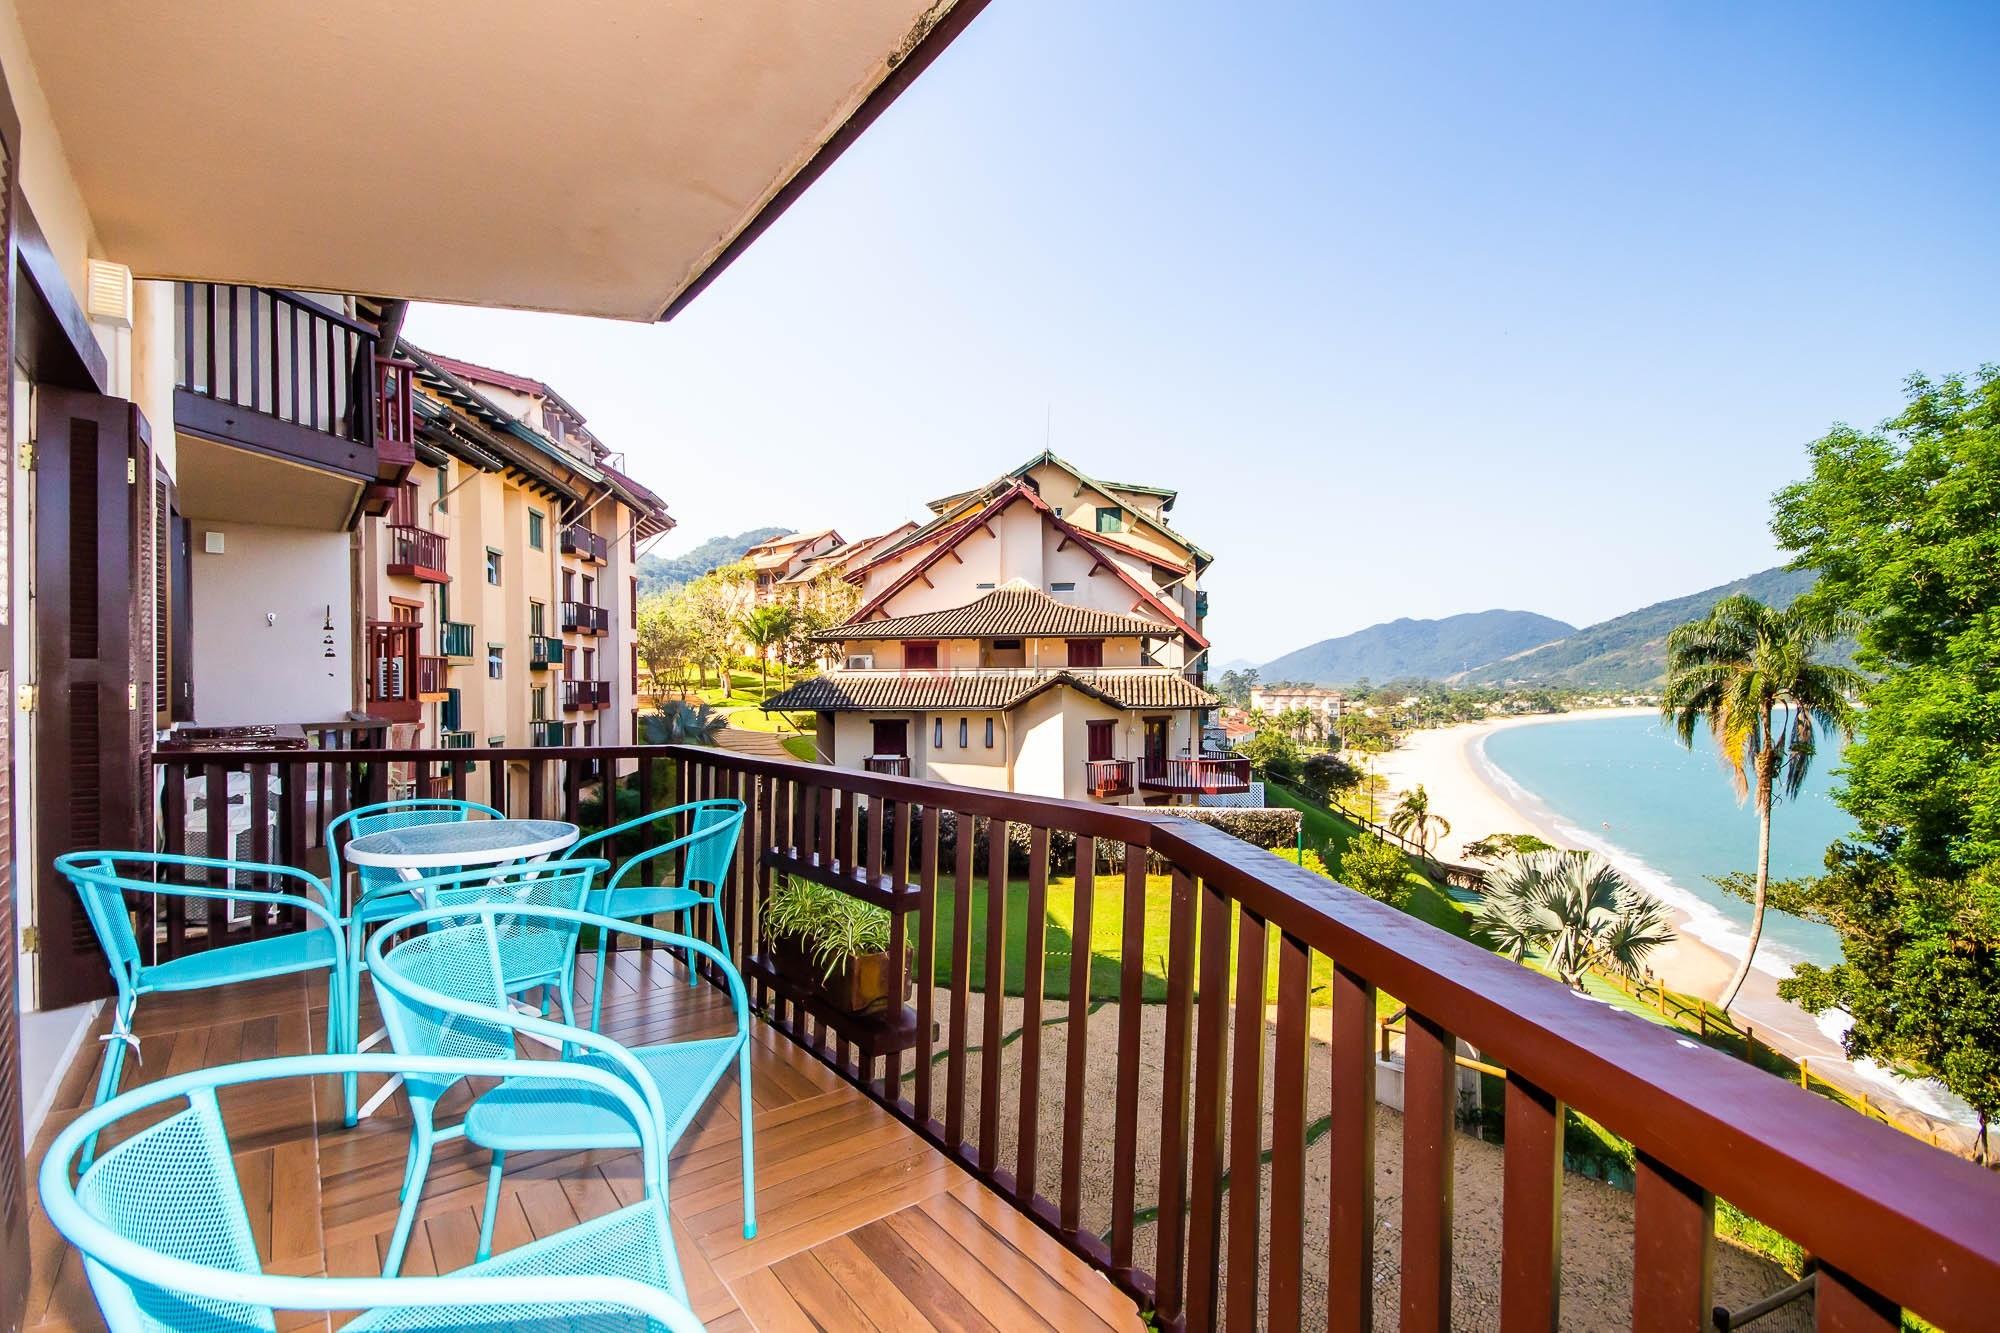 Apartamento com 4 dormitórios para alugar em Caraguatatuba, no bairro Tabatinga